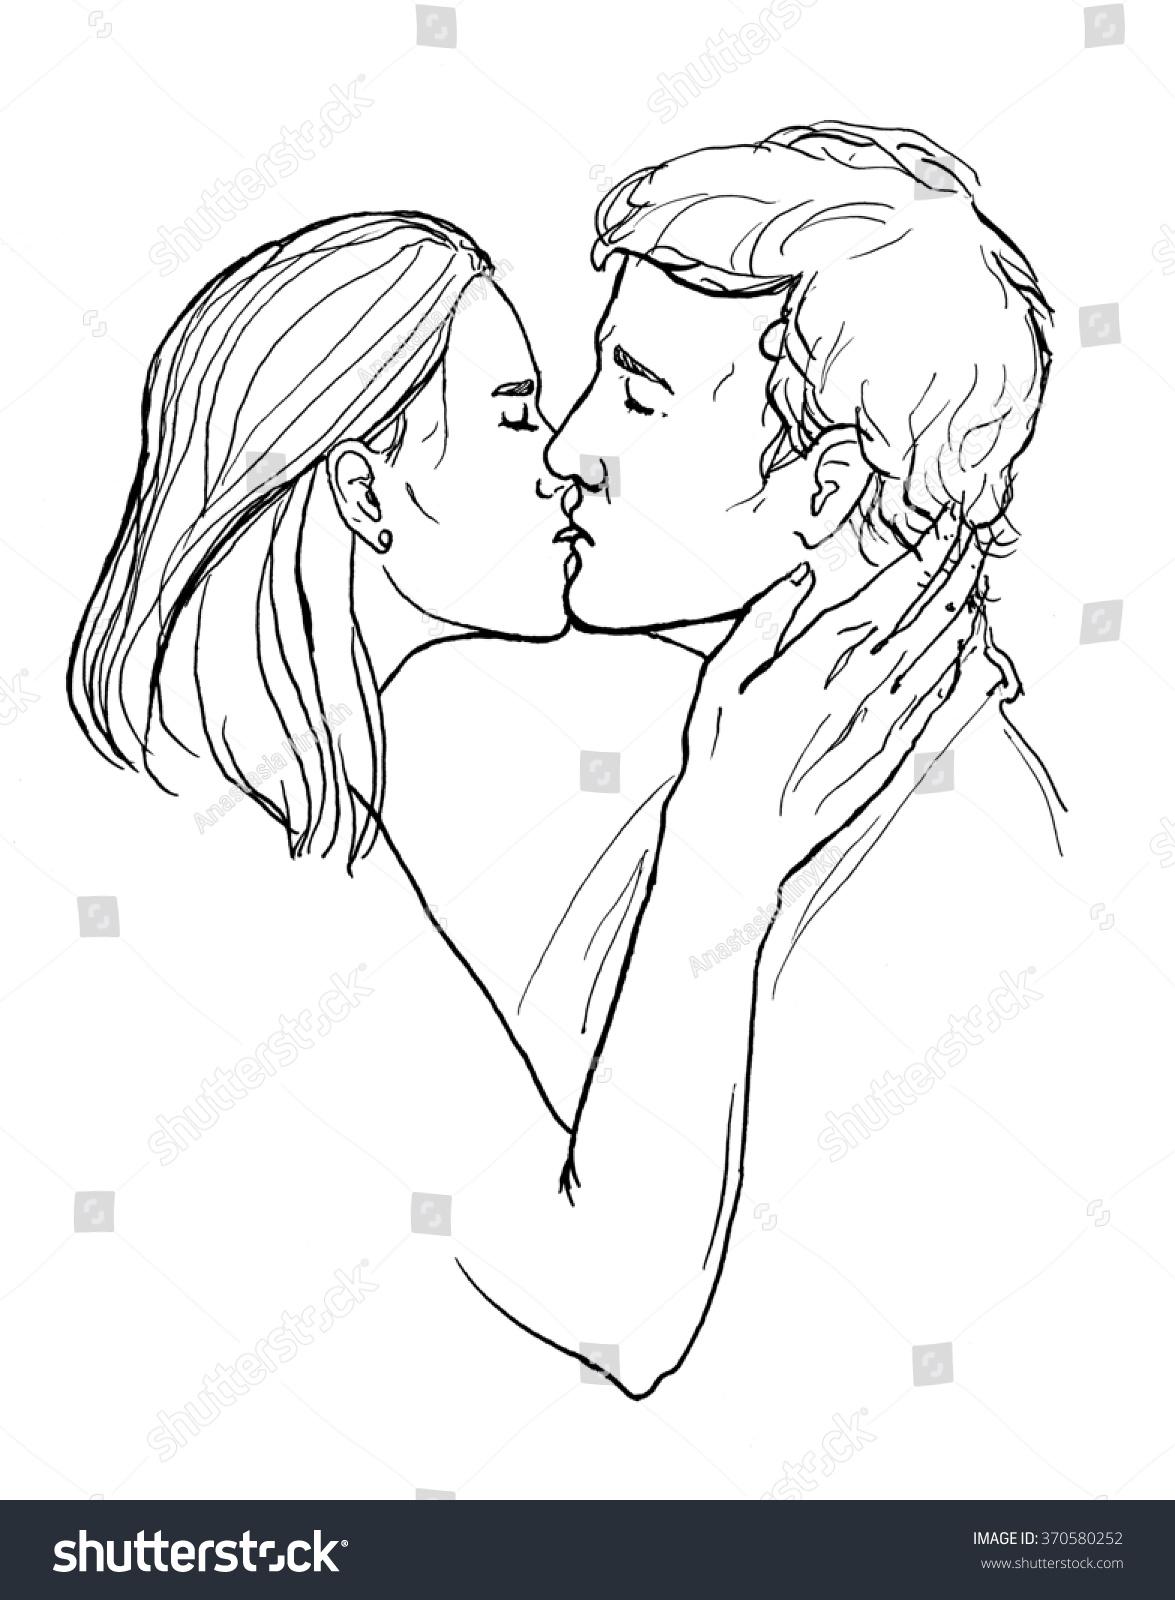 Kissink